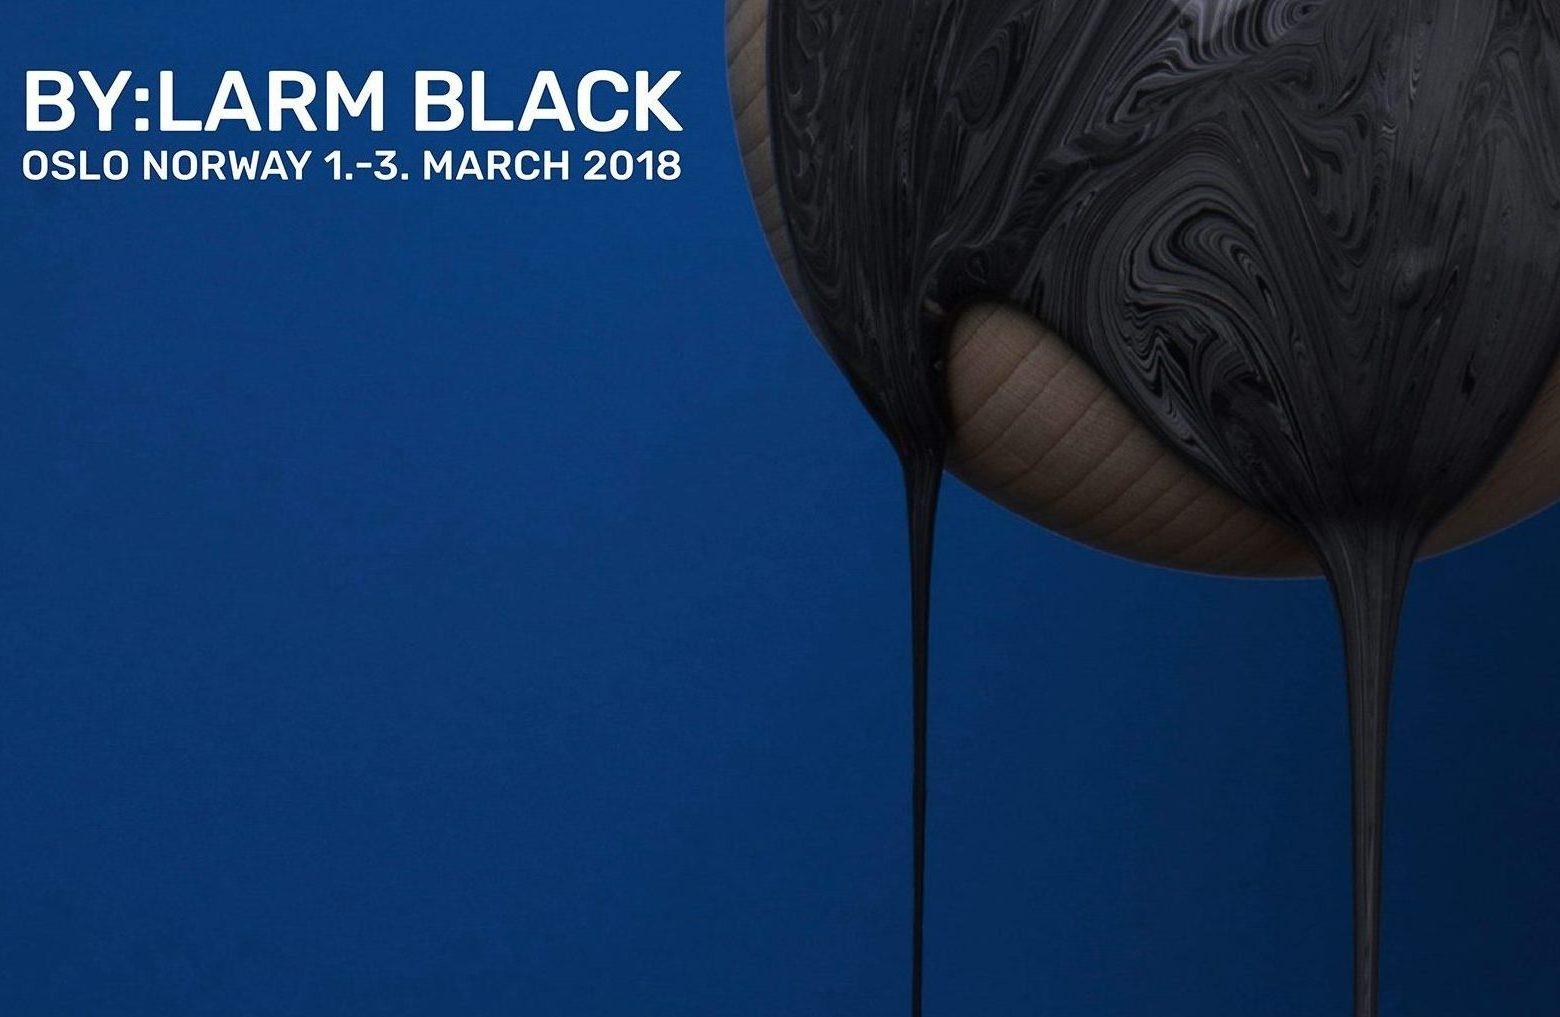 BY:LARM BLACK